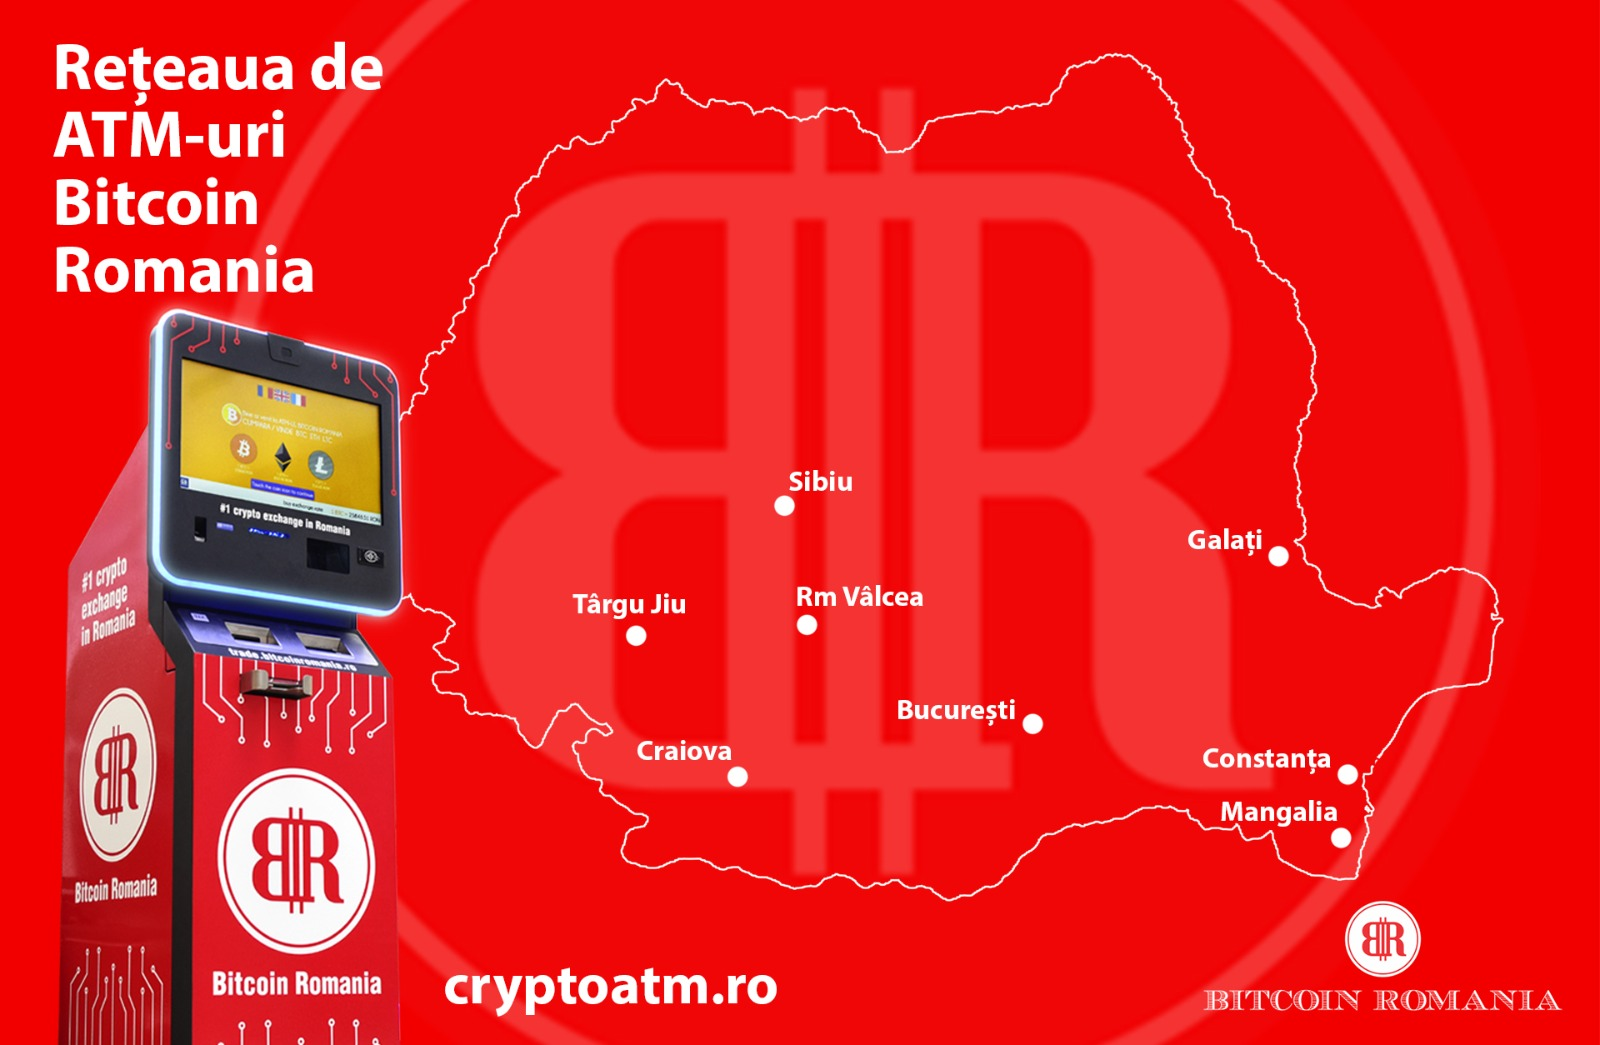 Bitcoin Romania ATMs